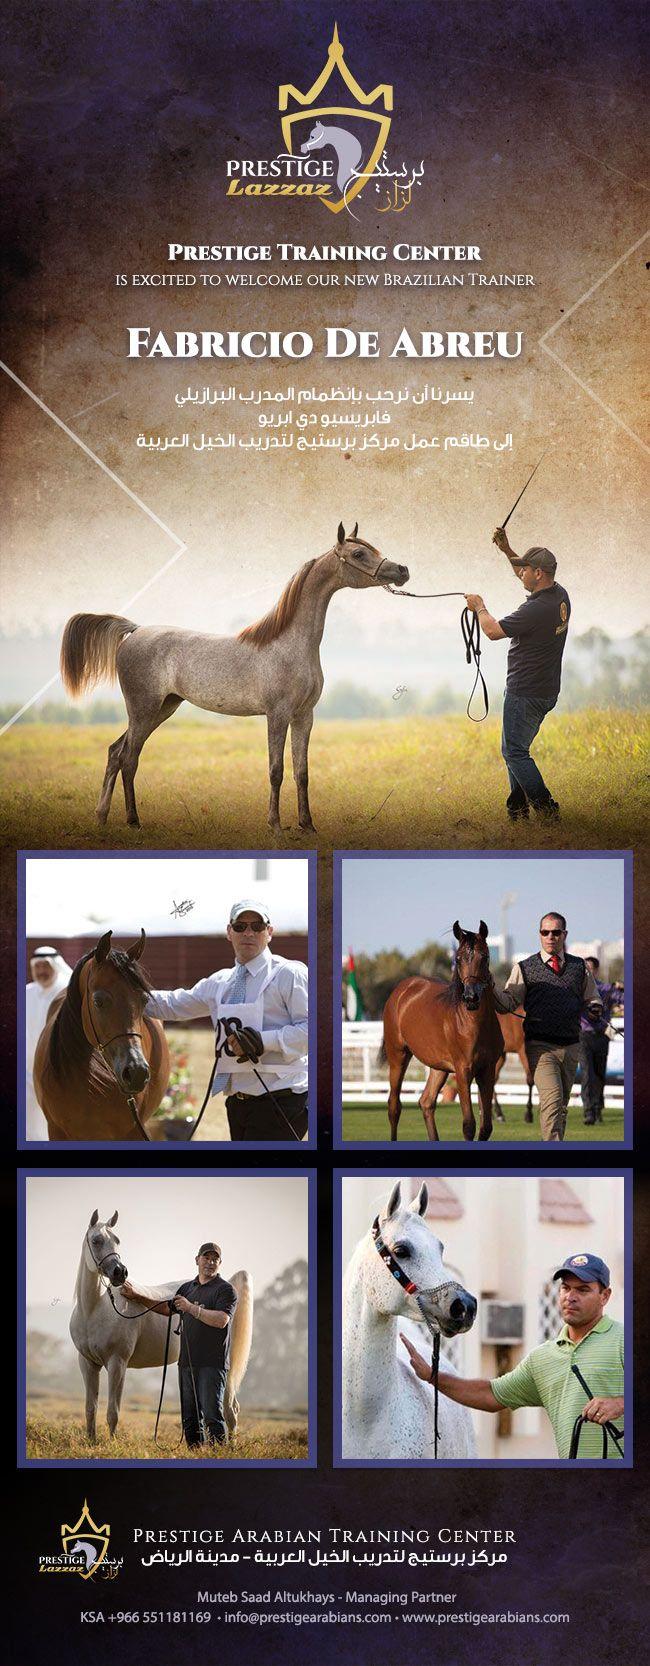 برستيج نرحب بالمدرب البرازيلي فابريسيو Horses Arabian Horse Arabians